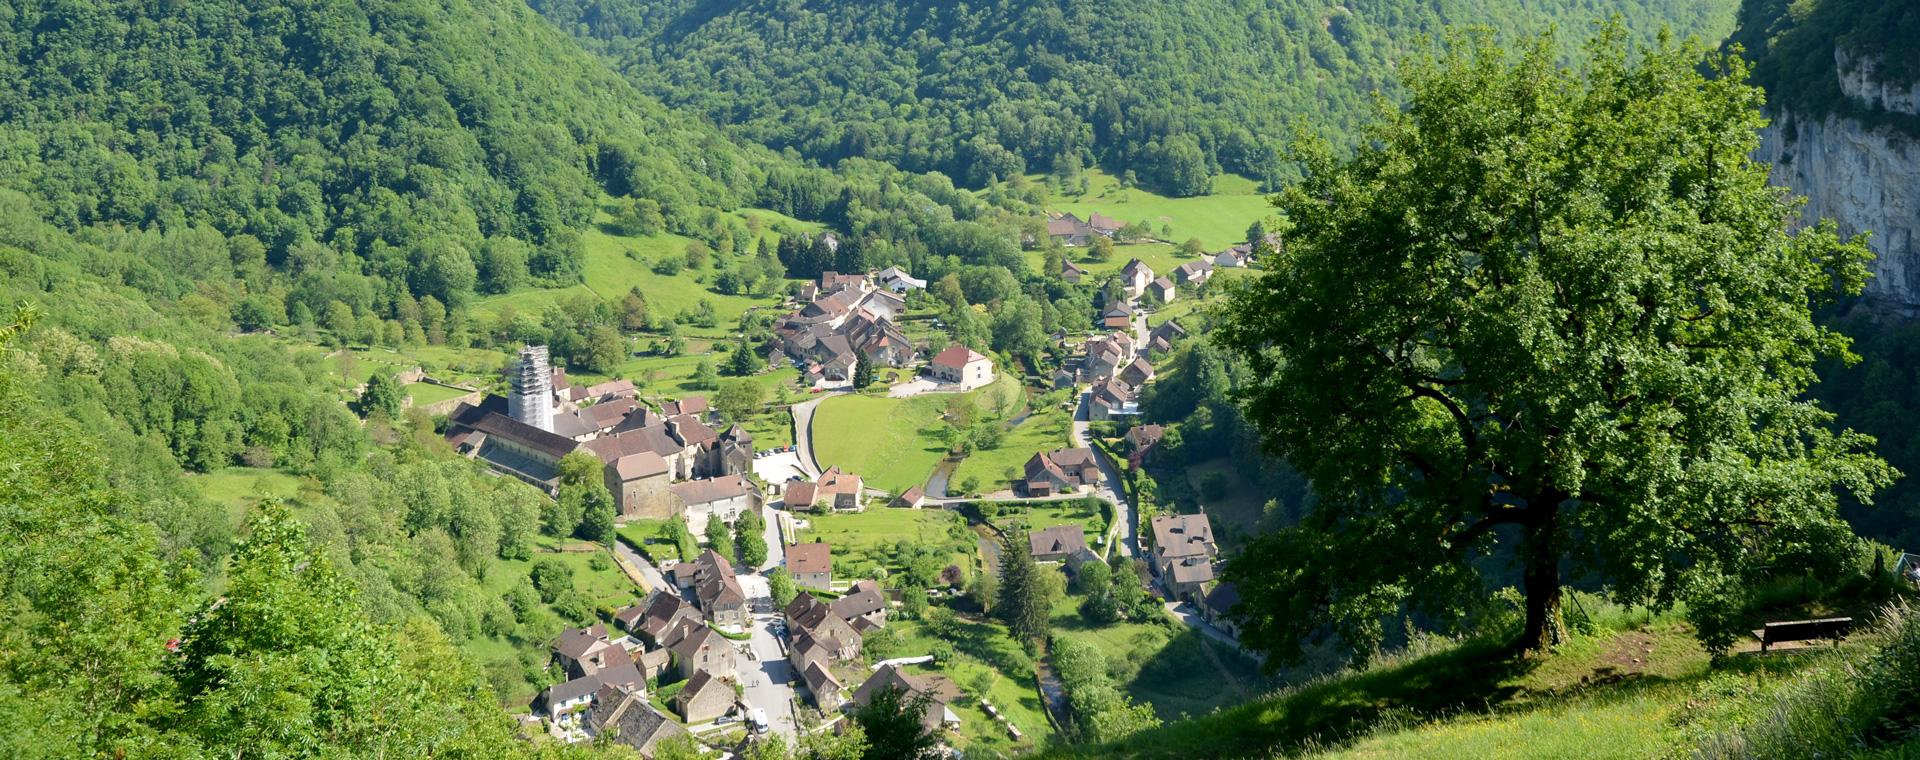 Image L'Échappée Jurassienne Nord